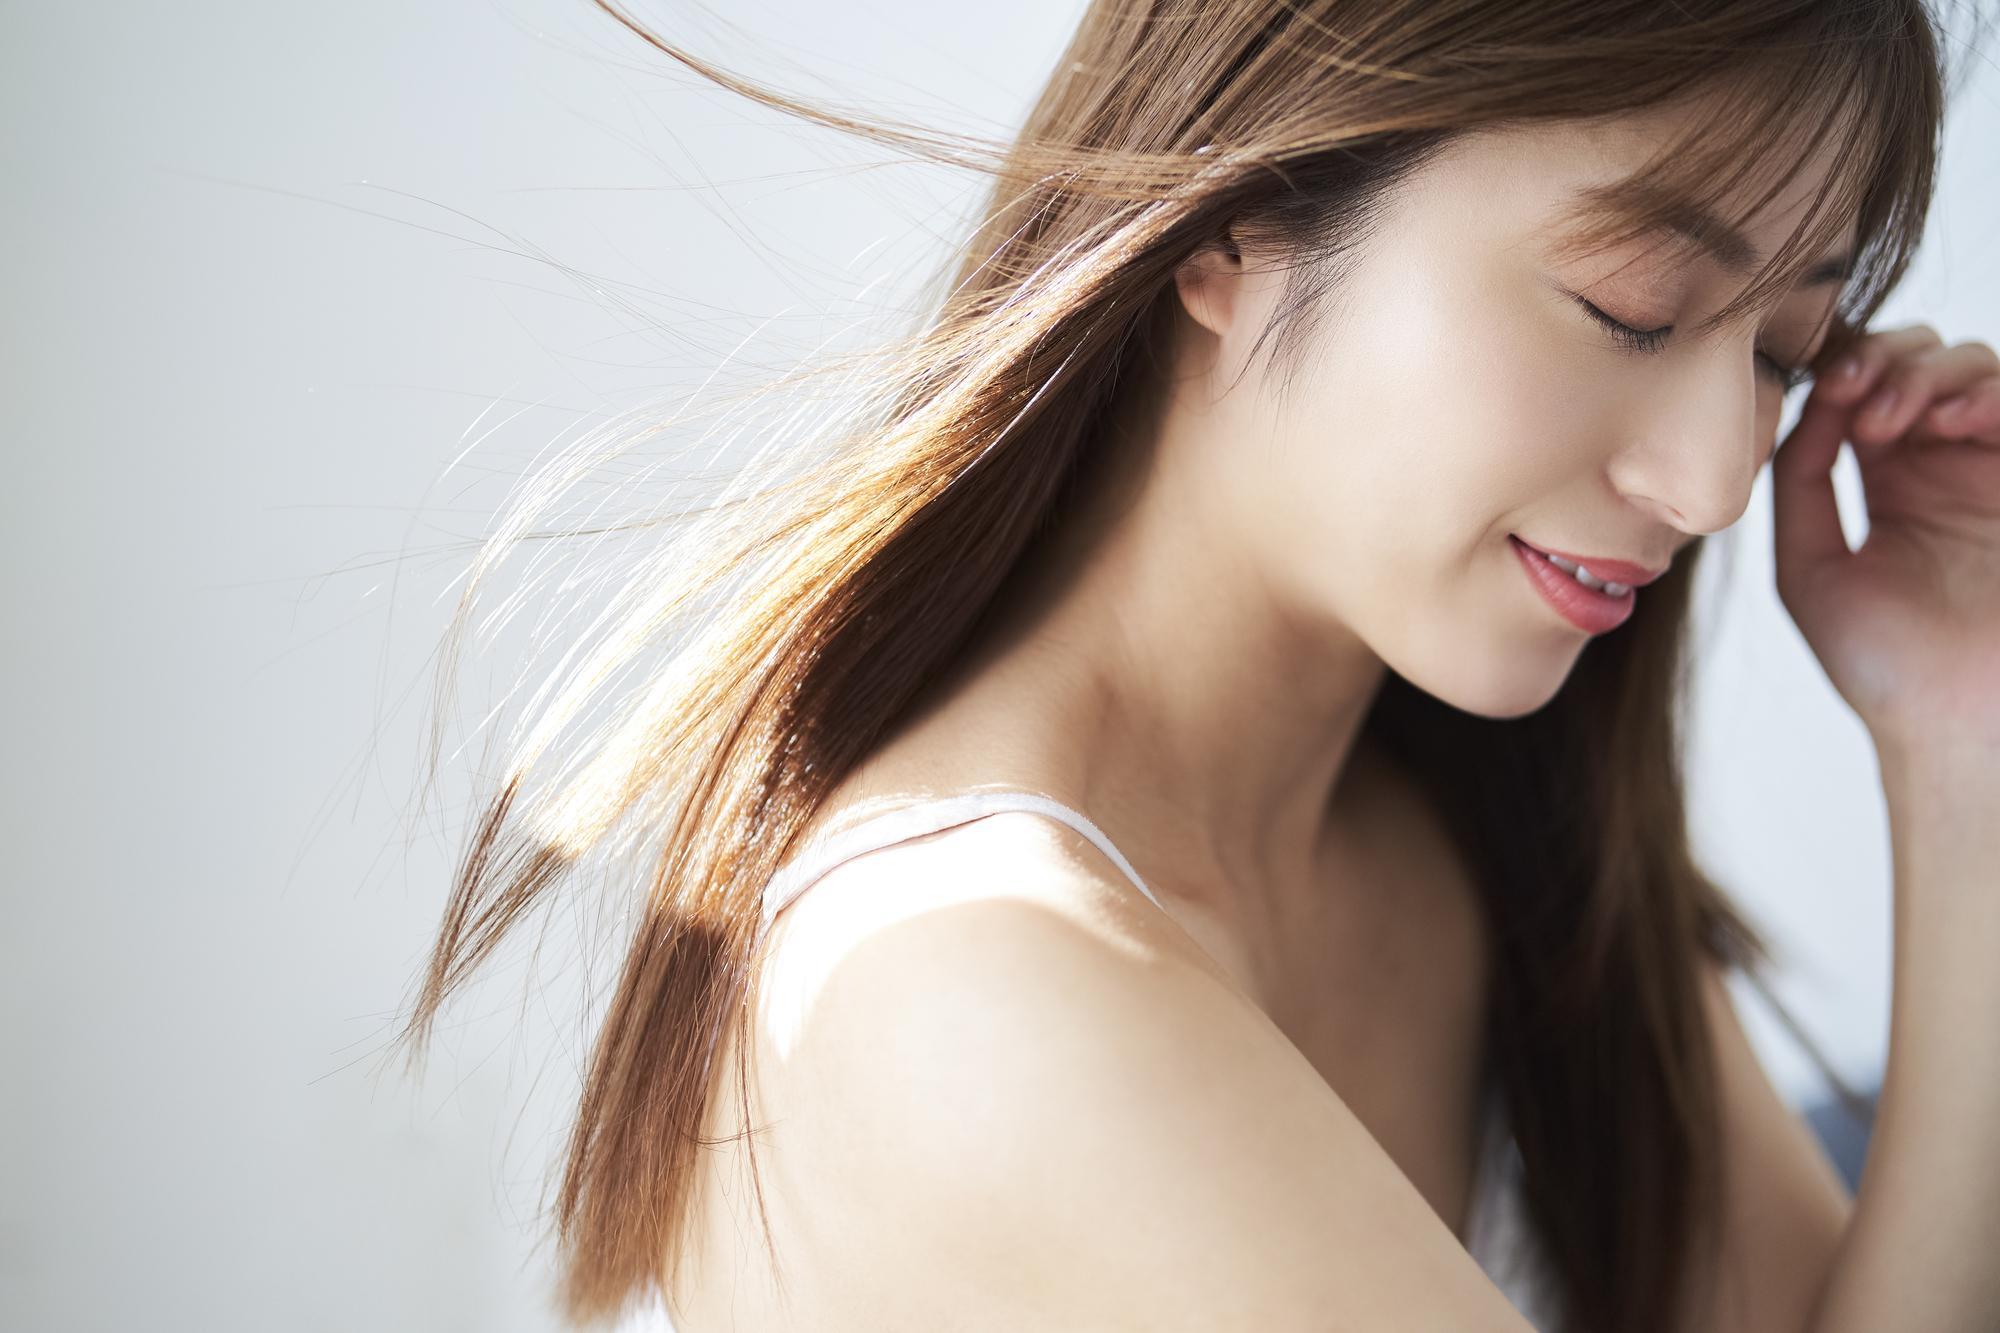 アミノ酸シャンプーでヘアトラブルをサポート!髪も頭皮もキレイなツヤ髪へ!